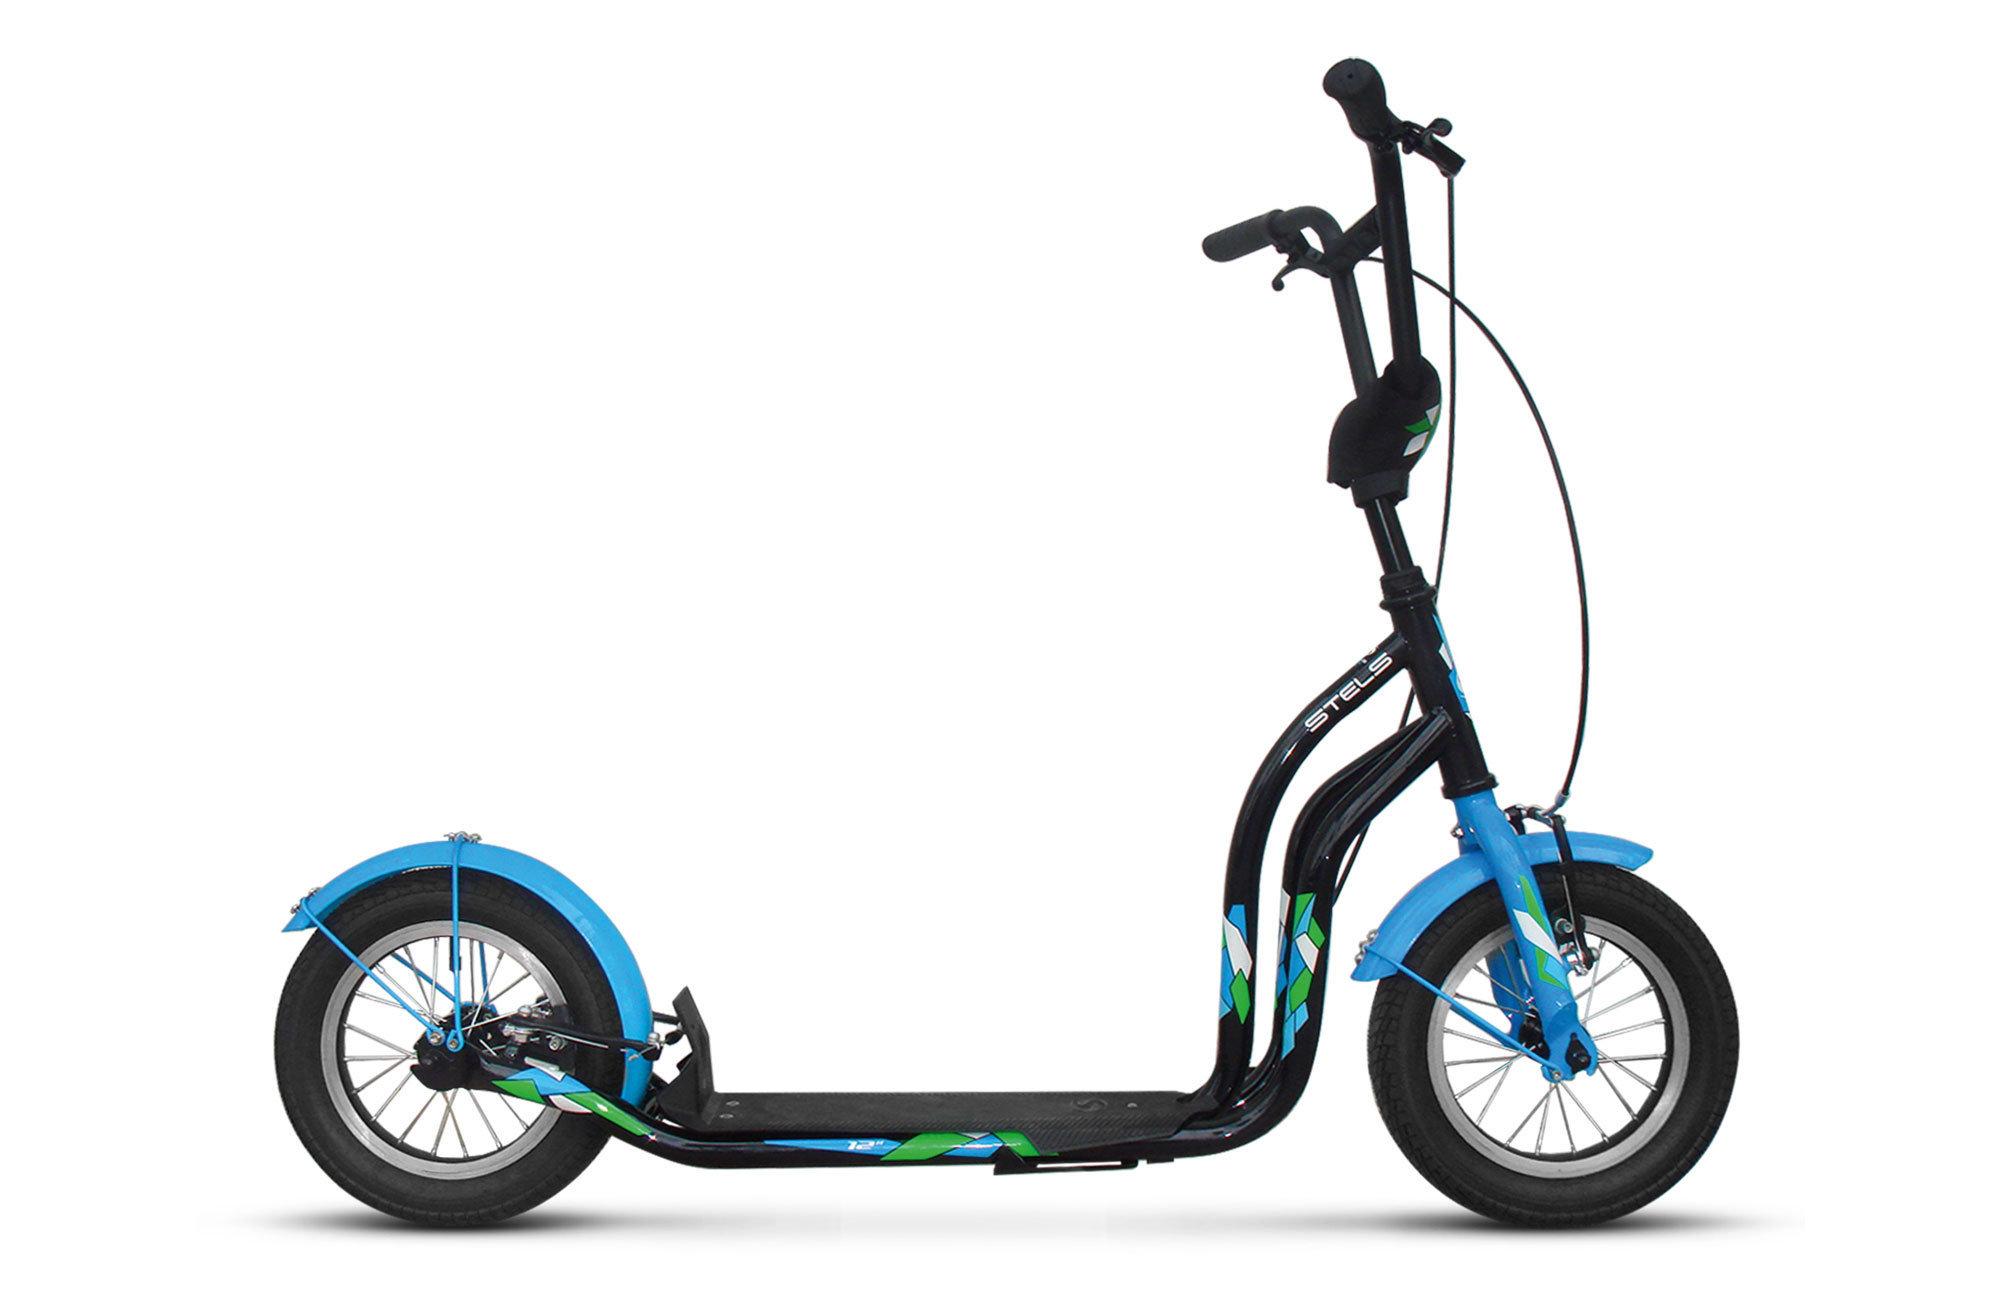 Trail 3Российская компания Stels, известная прежде всего как производитель велосипедов и аксессуаров, решила порадовать также любителей самокатов и выпустила совершенно новую модель Trail 3. Самокат разработан для городского катания и подойдет детям от 3-х лет ростом от 90 см до 110 см. Положение руля регулируется по высоте (72-82 см). Максимальная нагрузка на самокат - до 100 кг, поэтому даже взрослый сможет покататься на нем без проблем. Длина самоката составляет 118 см. Размер платформы - 33х11 см. Колеса - надувные, 12 дюймов, с прочными алюминиевыми ободами. Тормоза передние/задние: Power, V-типа. Самокат оснащен крыльями и удобной подножкой.<br>